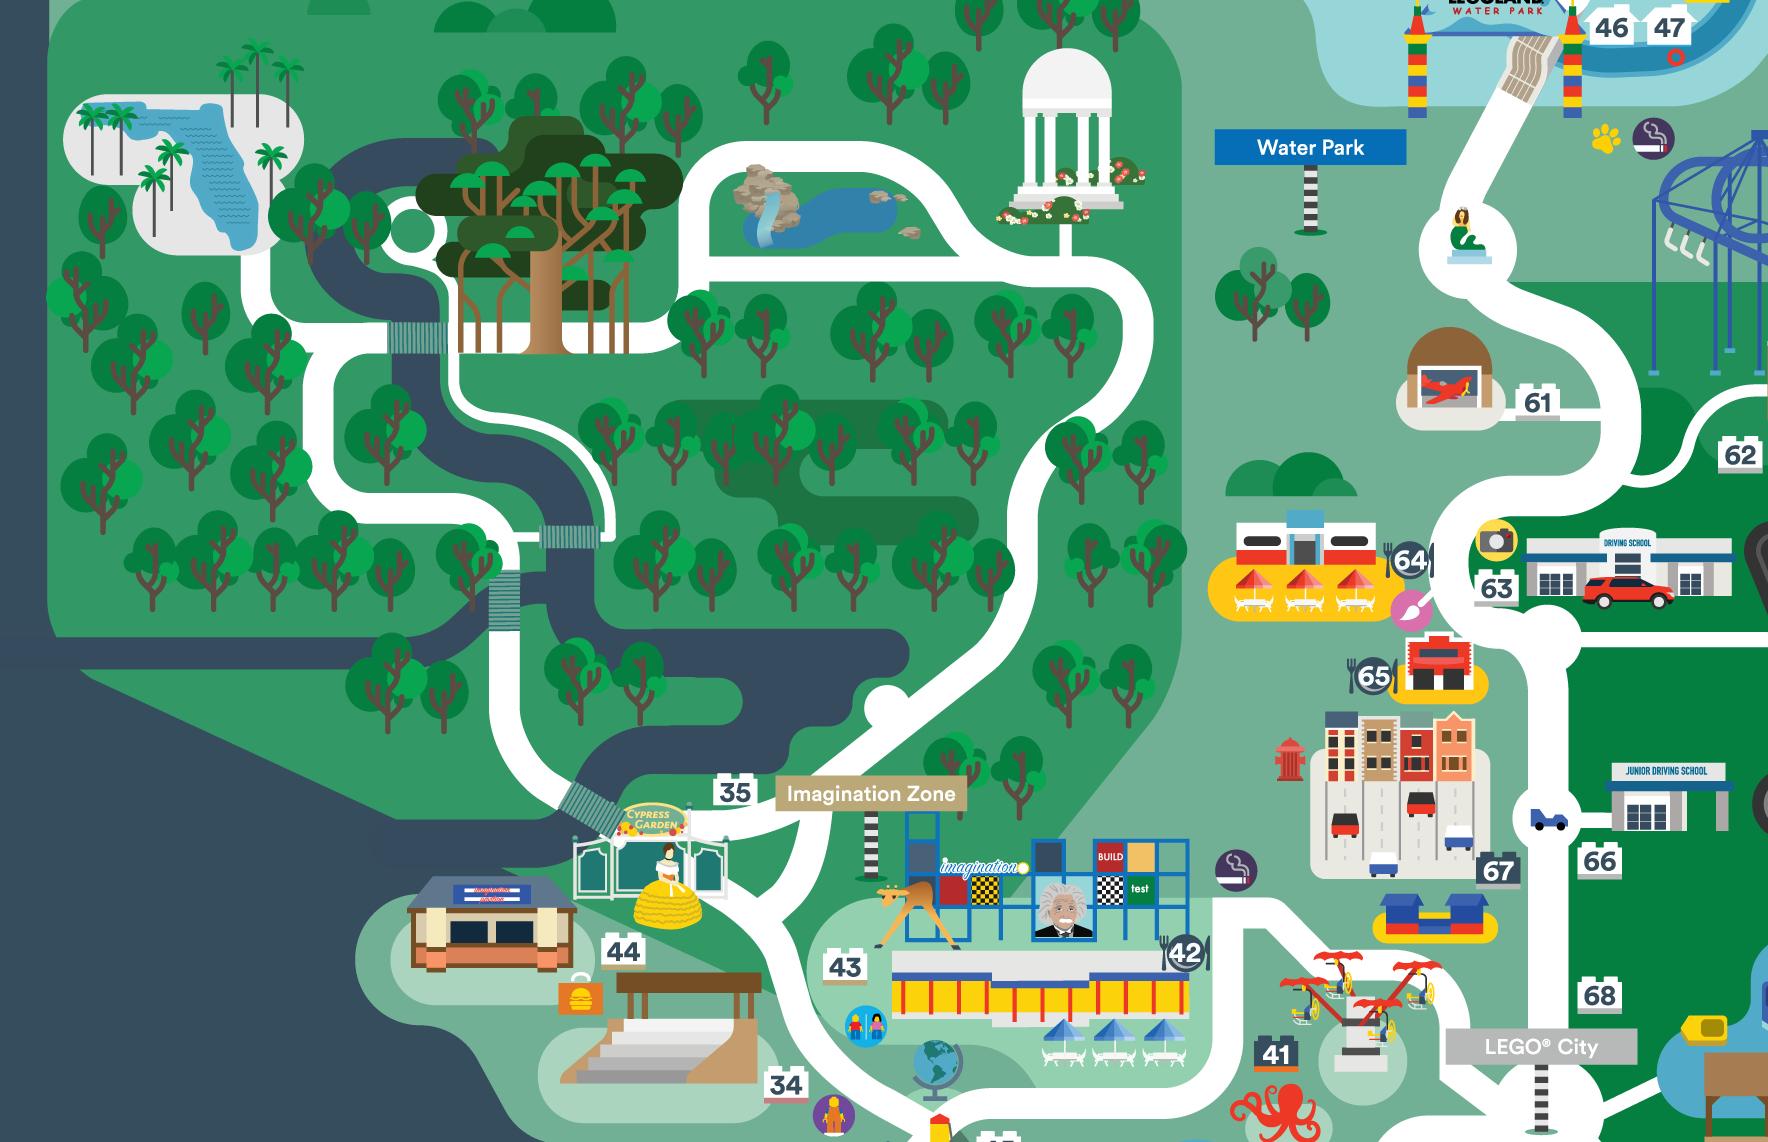 Legoland Florida Map 2016 On Behance - Legoland Florida Map